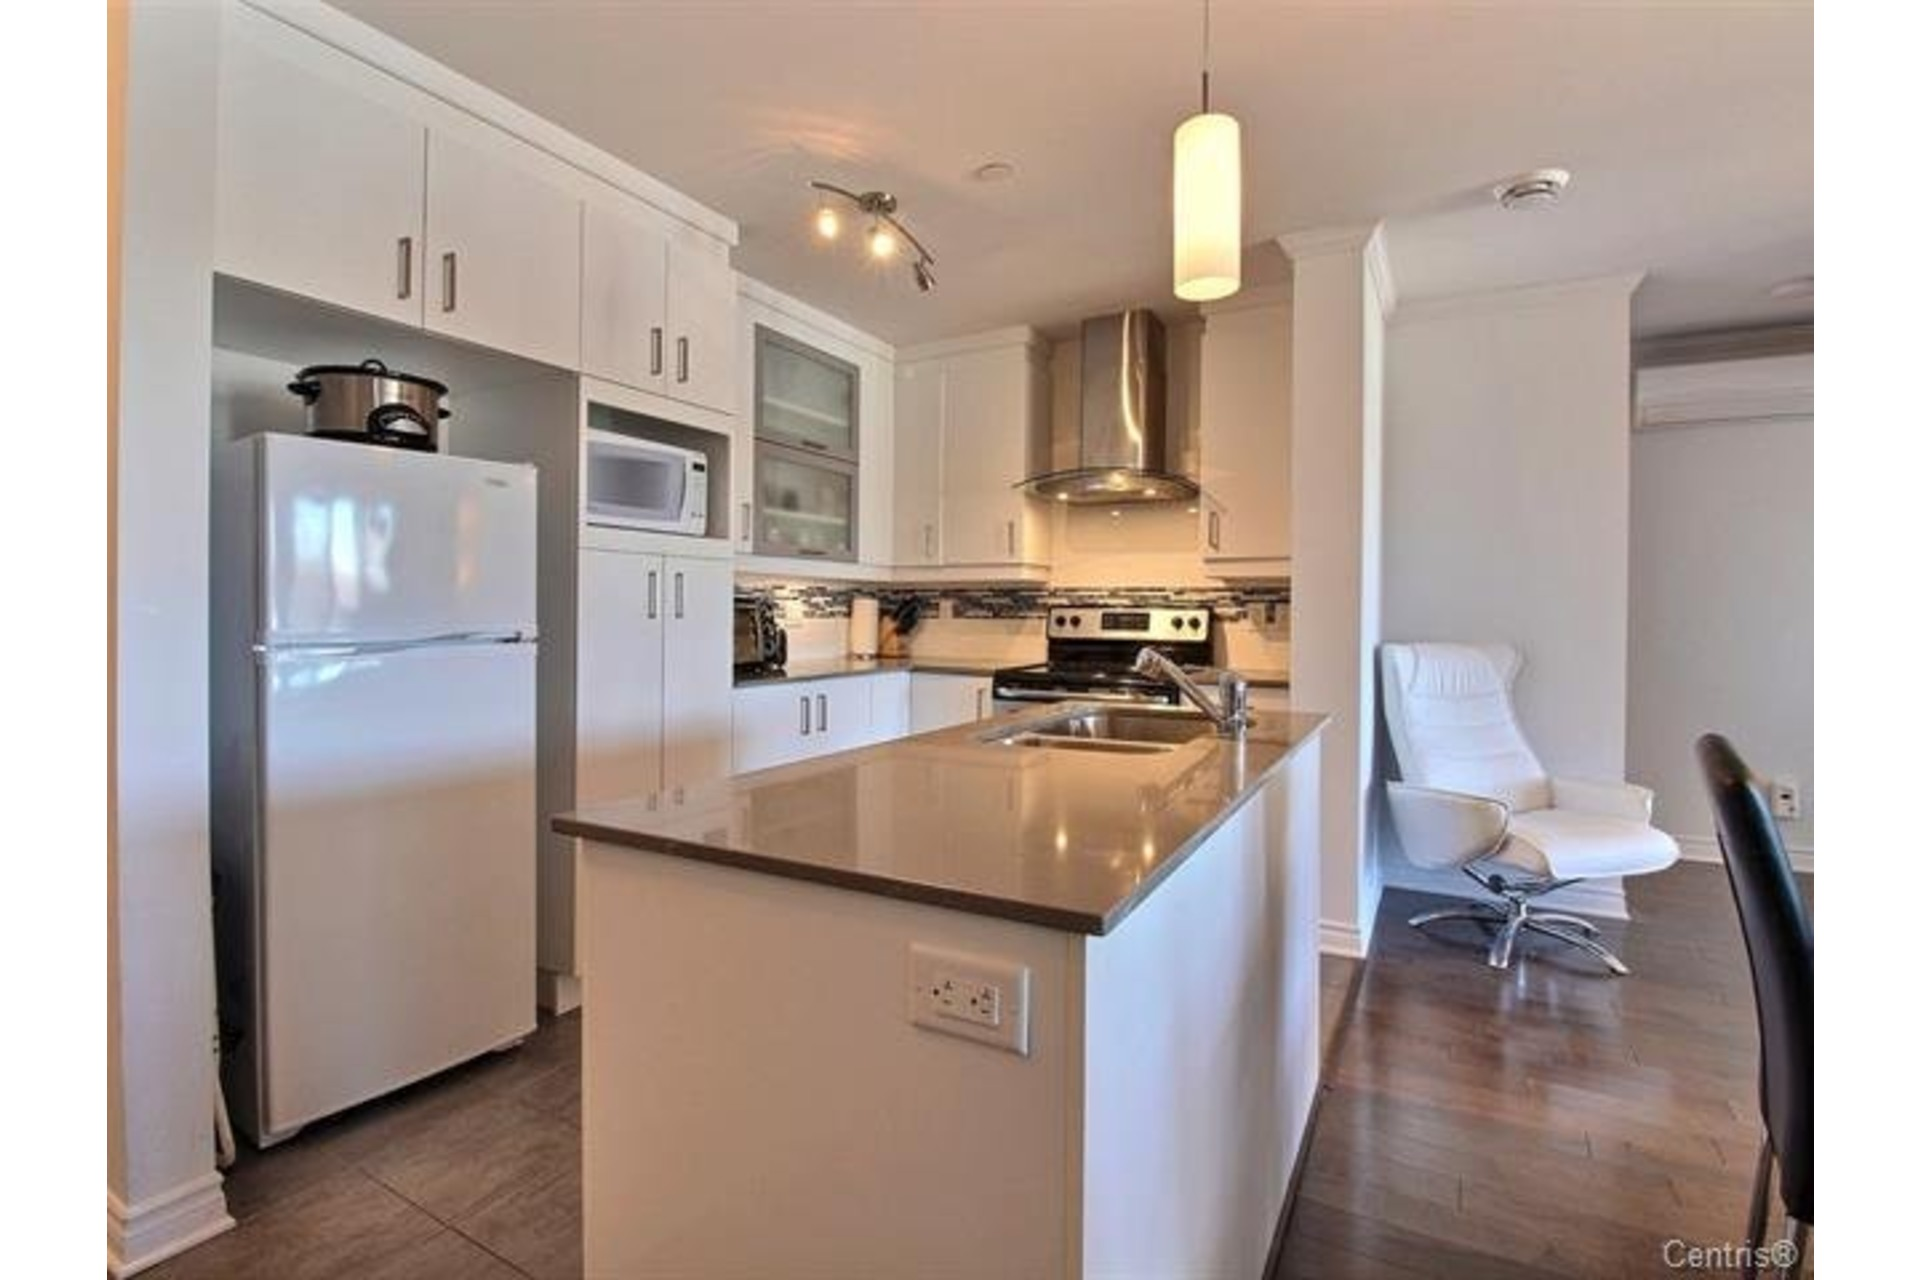 image 3 - Apartment For sale Montréal Pierrefonds-Roxboro  - 7 rooms